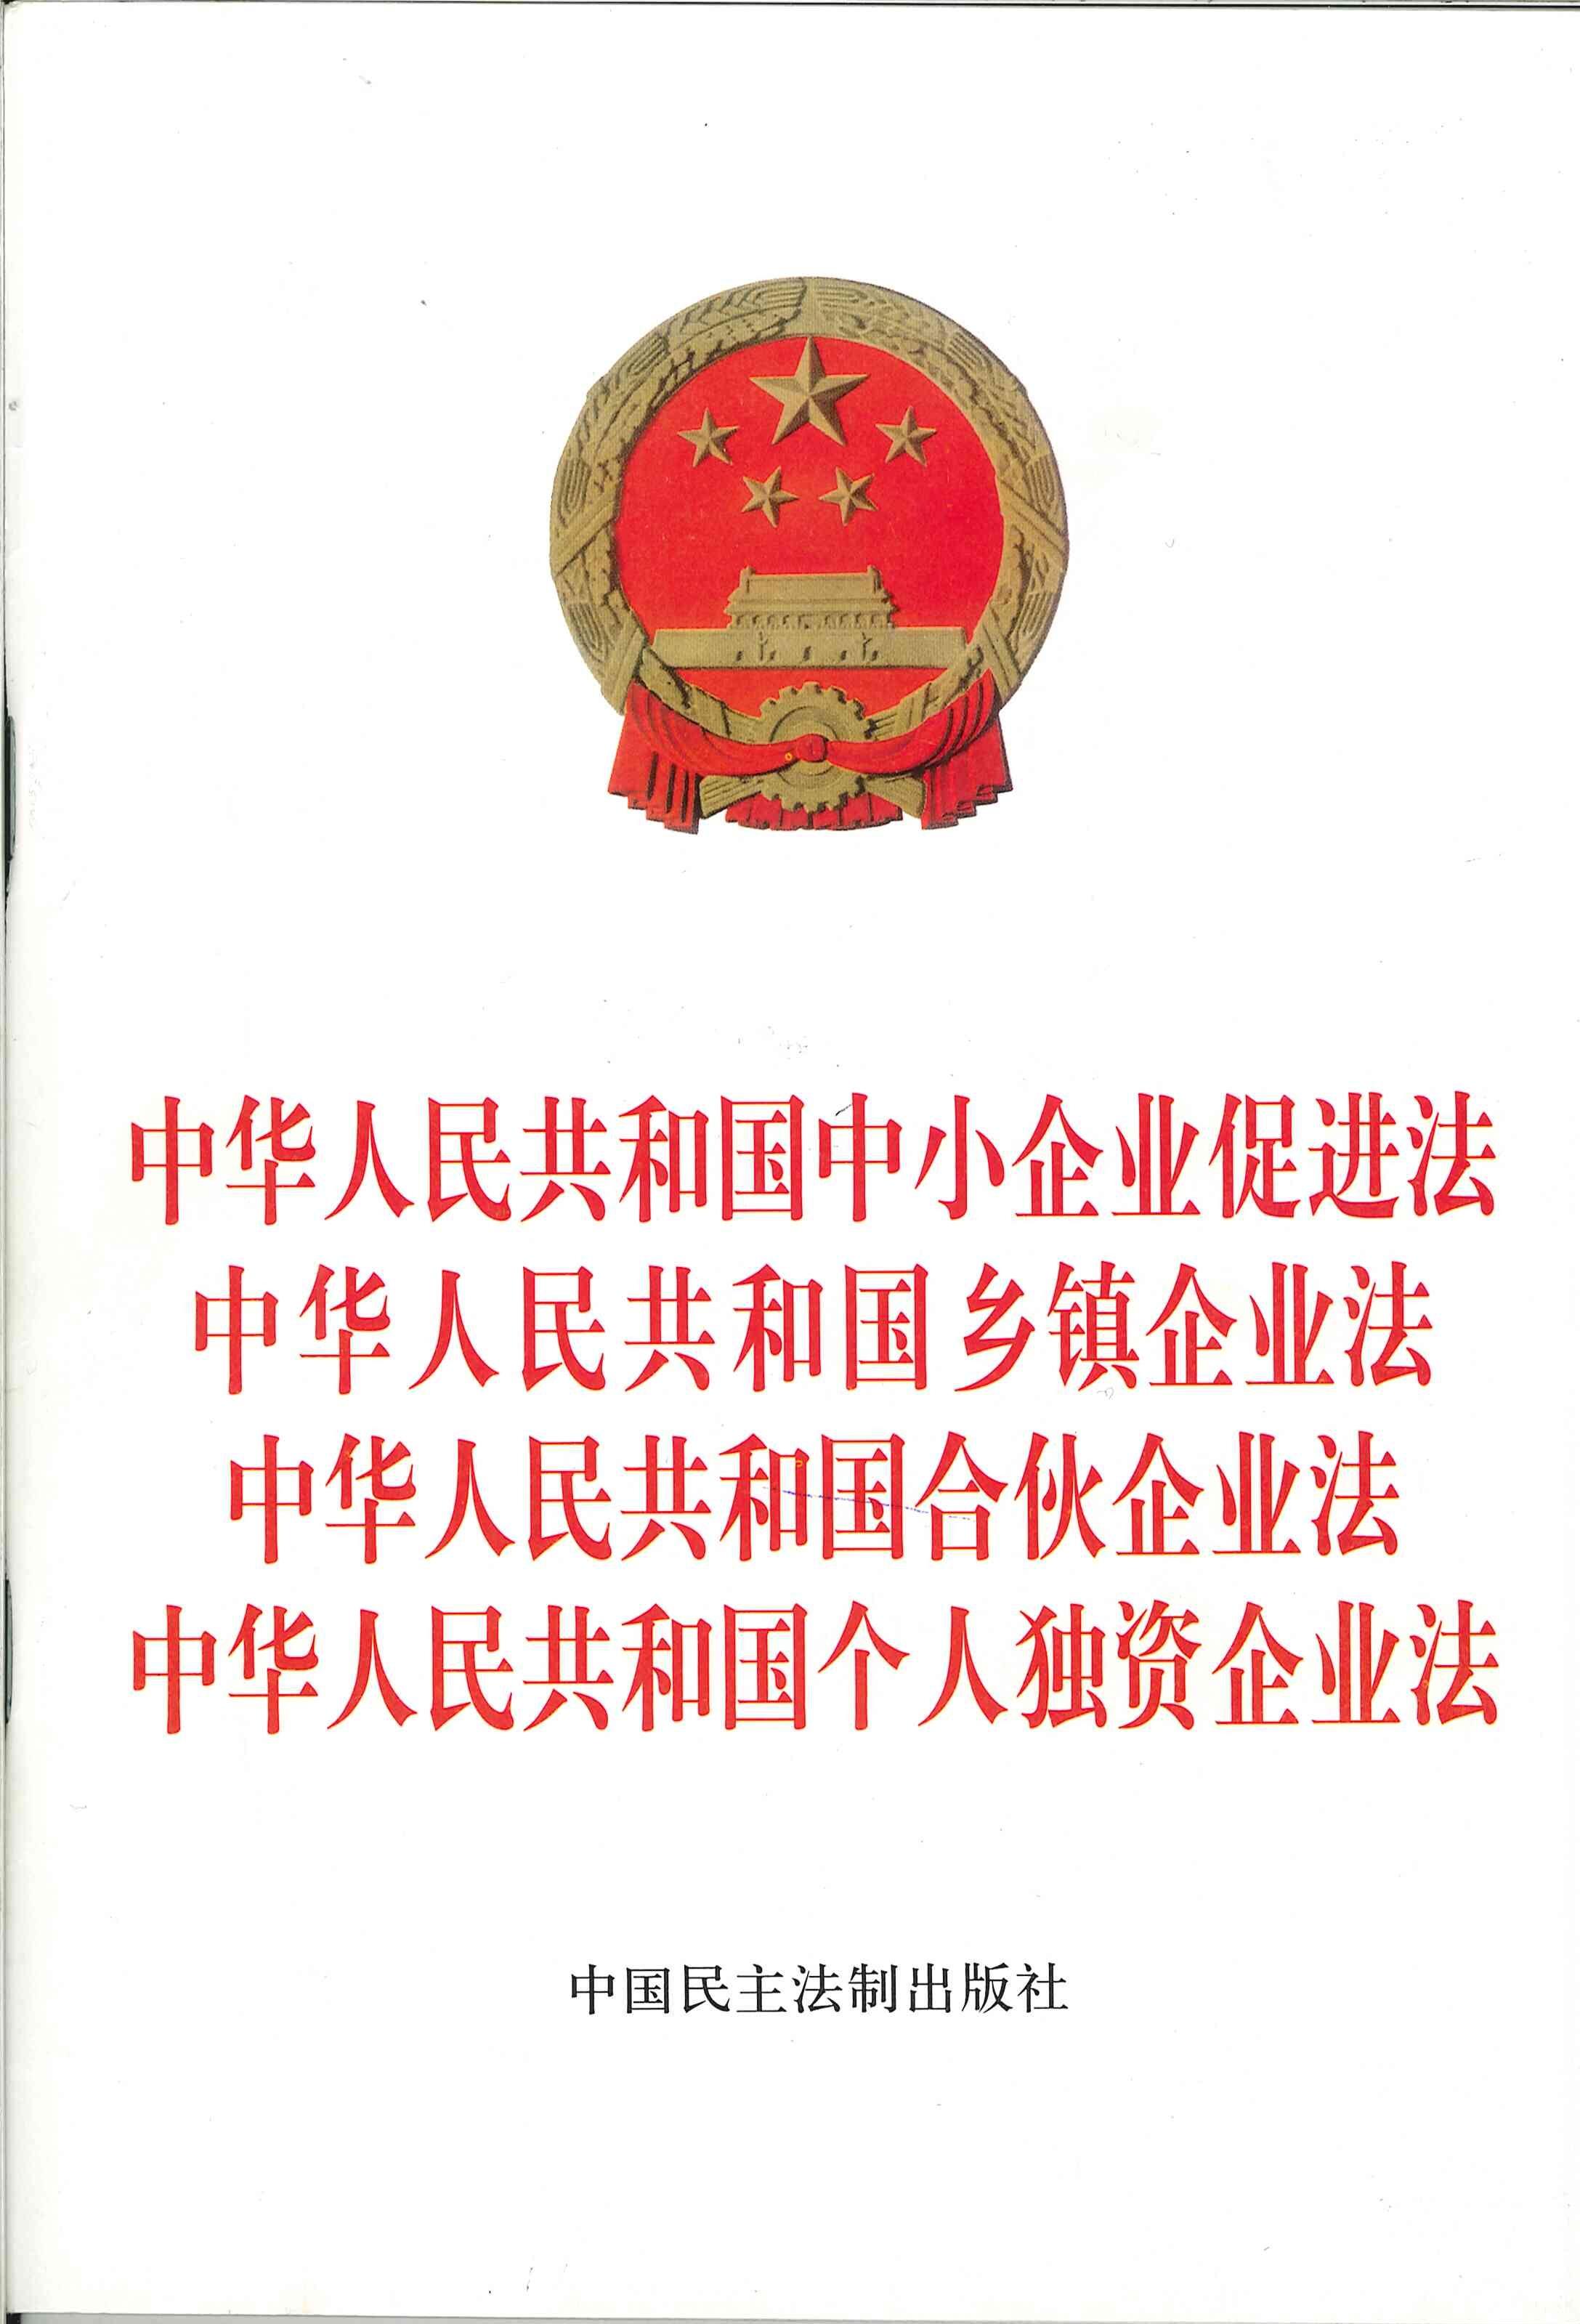 中华人民共和国中小企业促进法 中华人民共和国乡镇企业法 中华人民共和国合伙企业法 中华人民共和国个人独资企业法